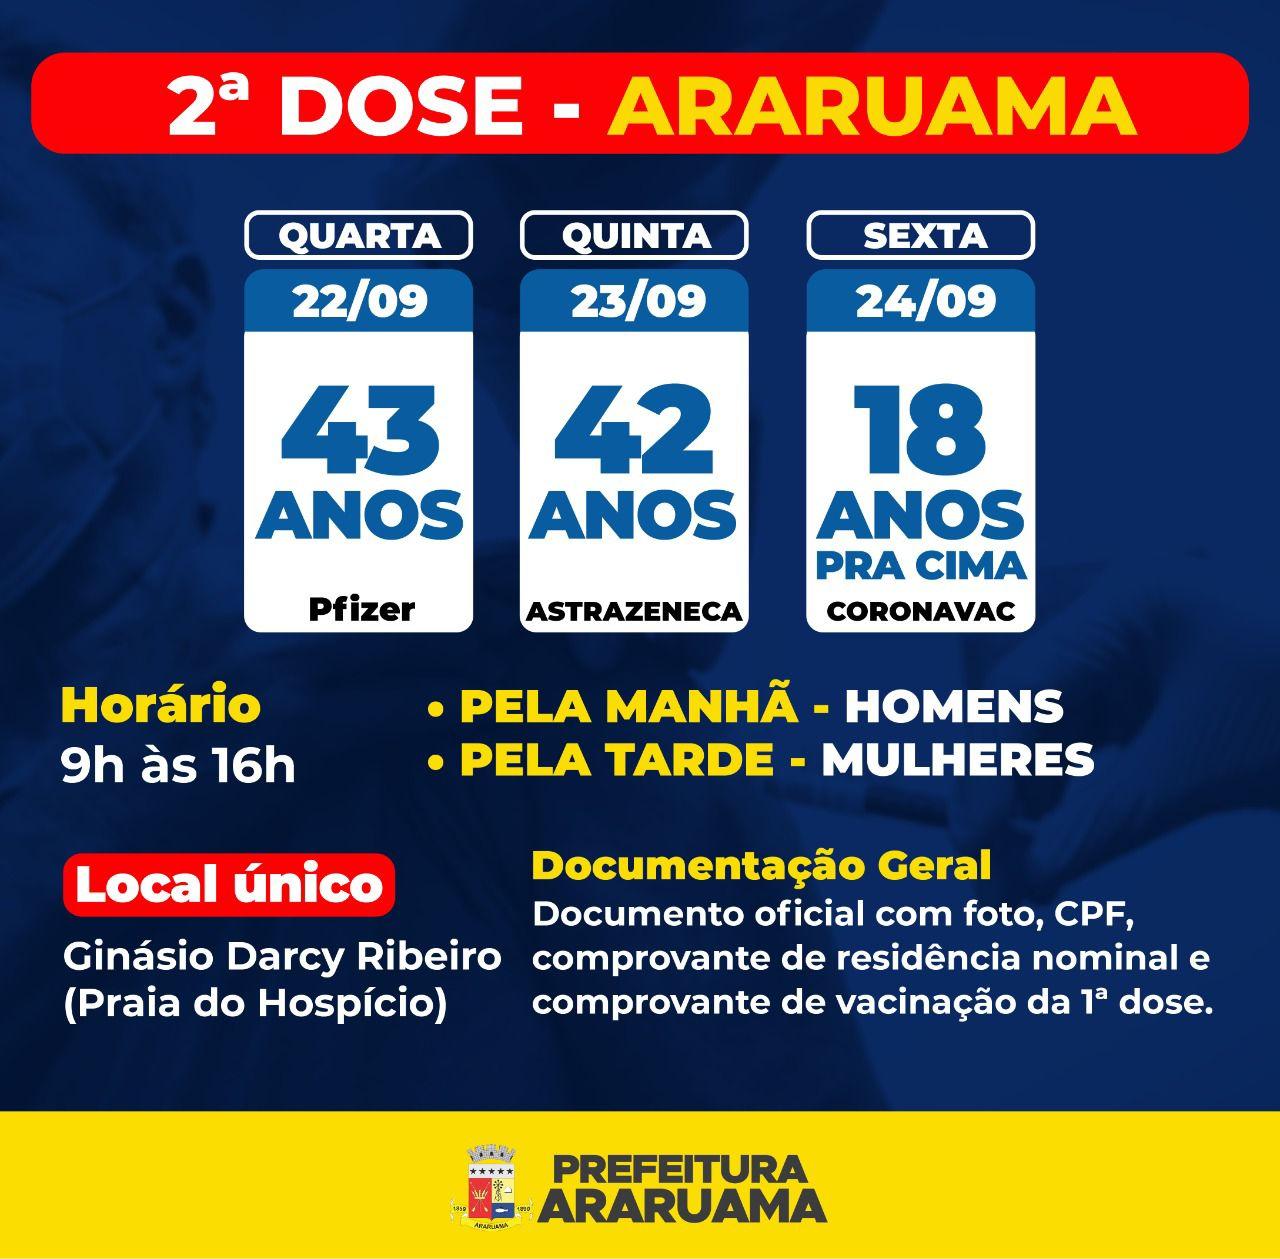 Calendário de vacinação da segunda dose em Araruama